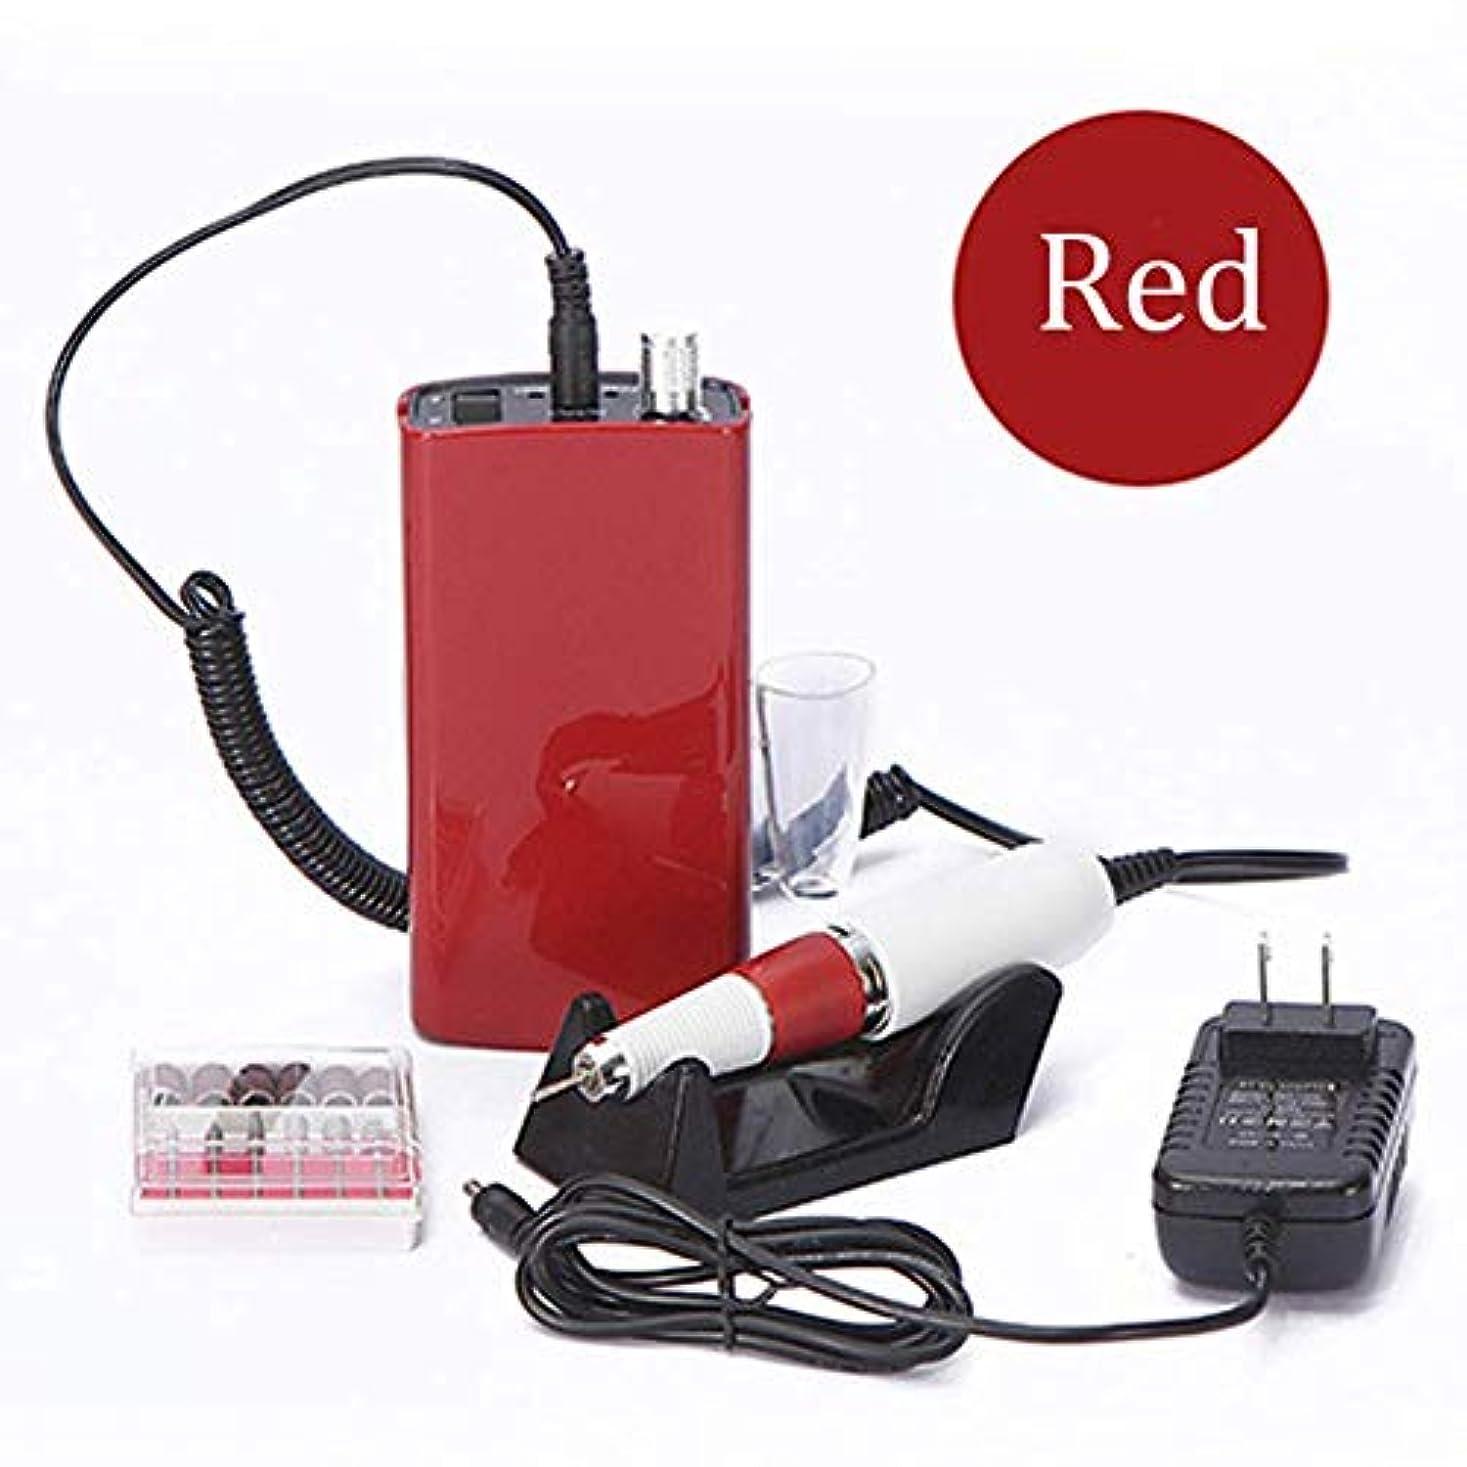 遷移ストライク否定する充電式18W 30000 rpm電動ネイルドリルマシンアクリルネイルファイルドリルマニキュアペディキュアキットセットネイルアート機器、ピンク,赤